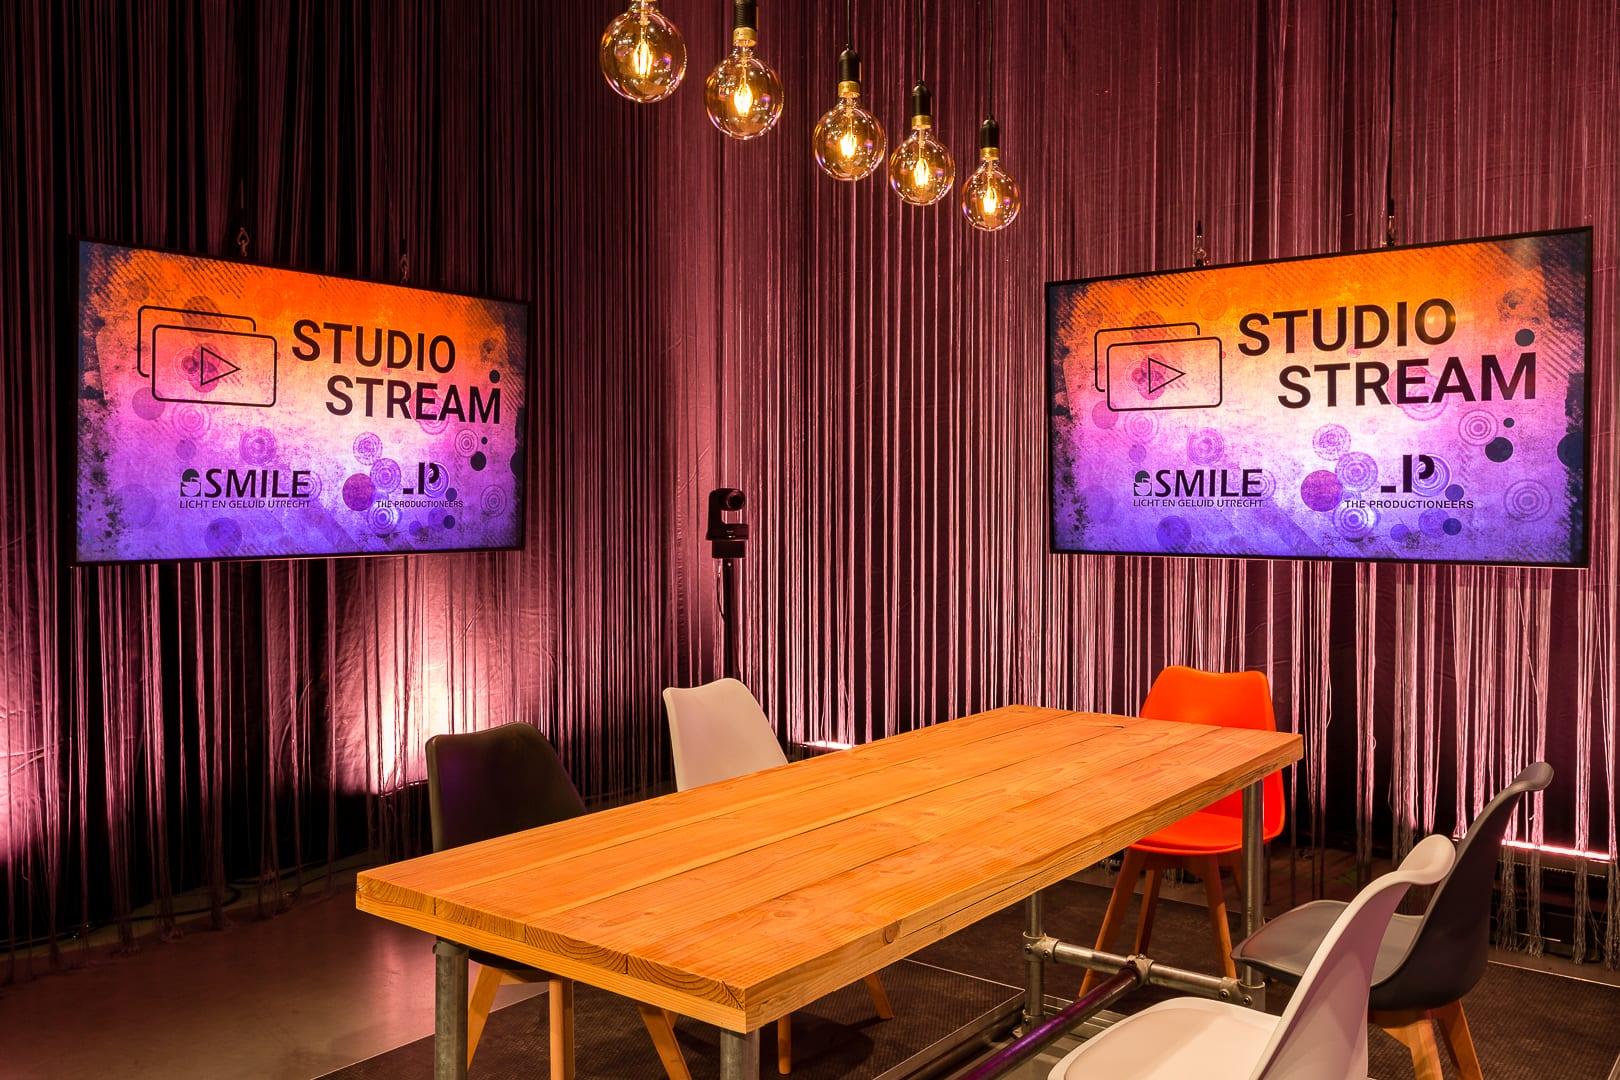 Studio_Stream_set_3